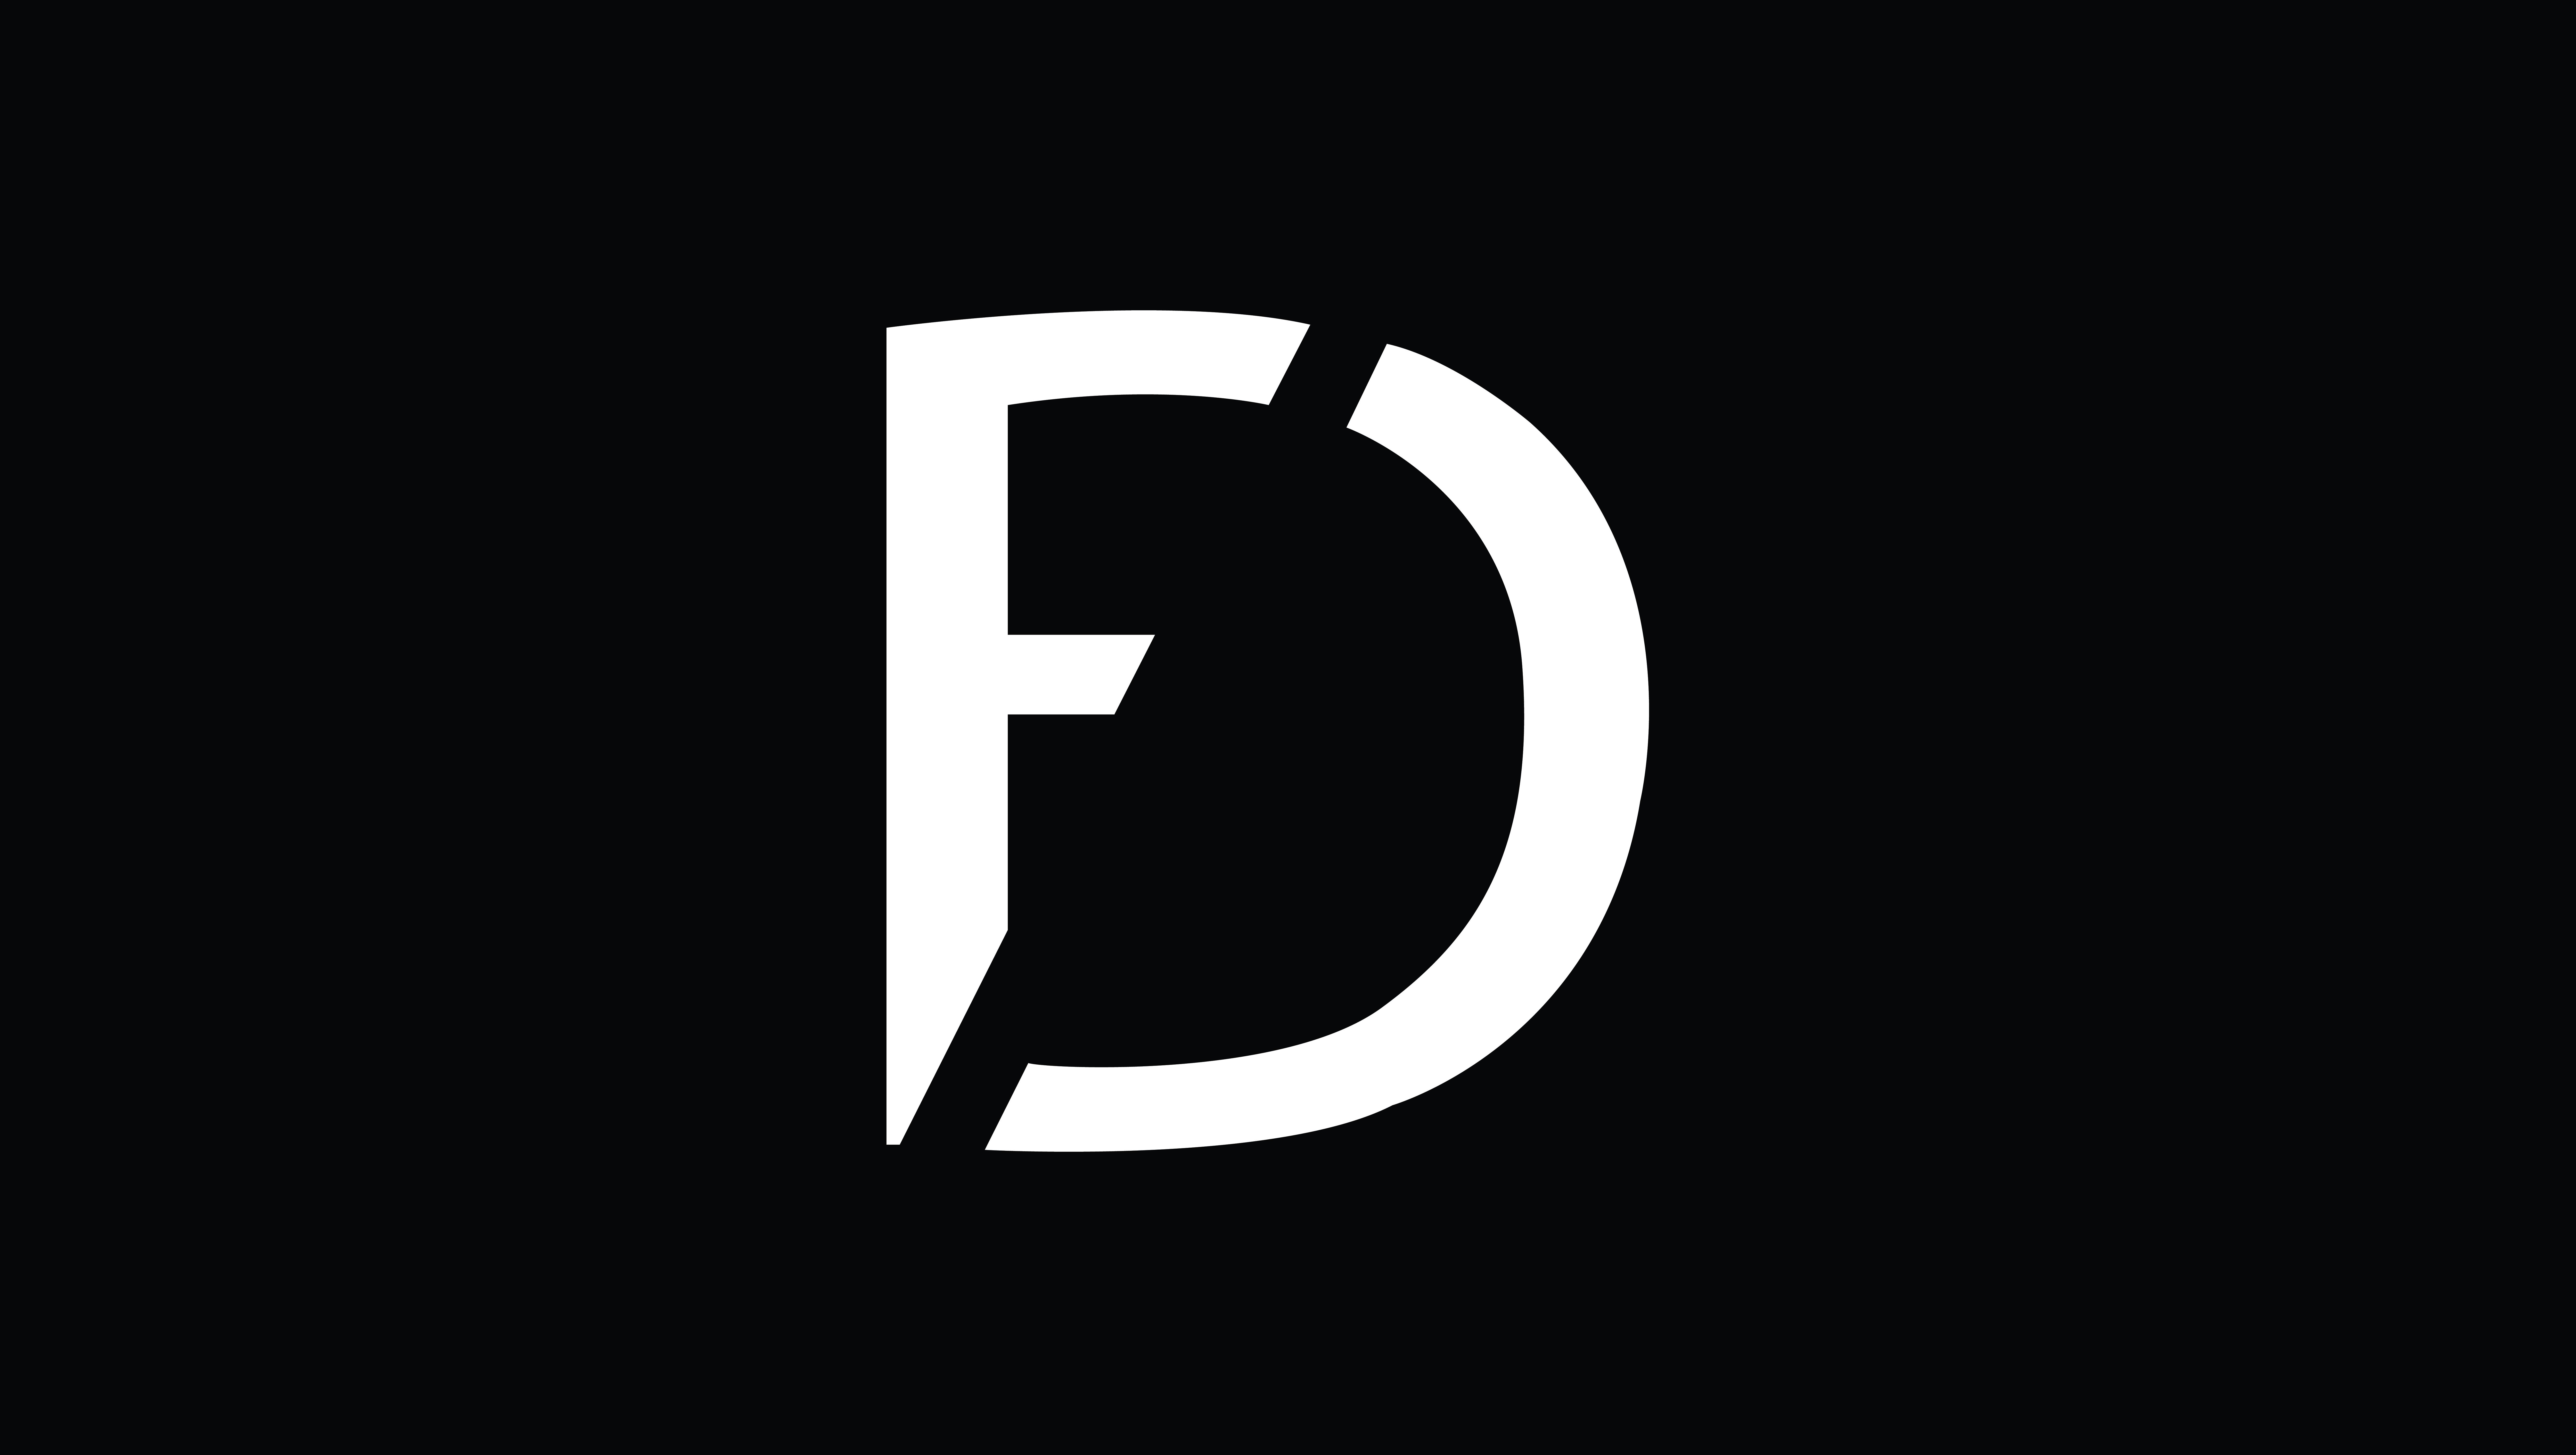 Fd logo wit z achtergrond